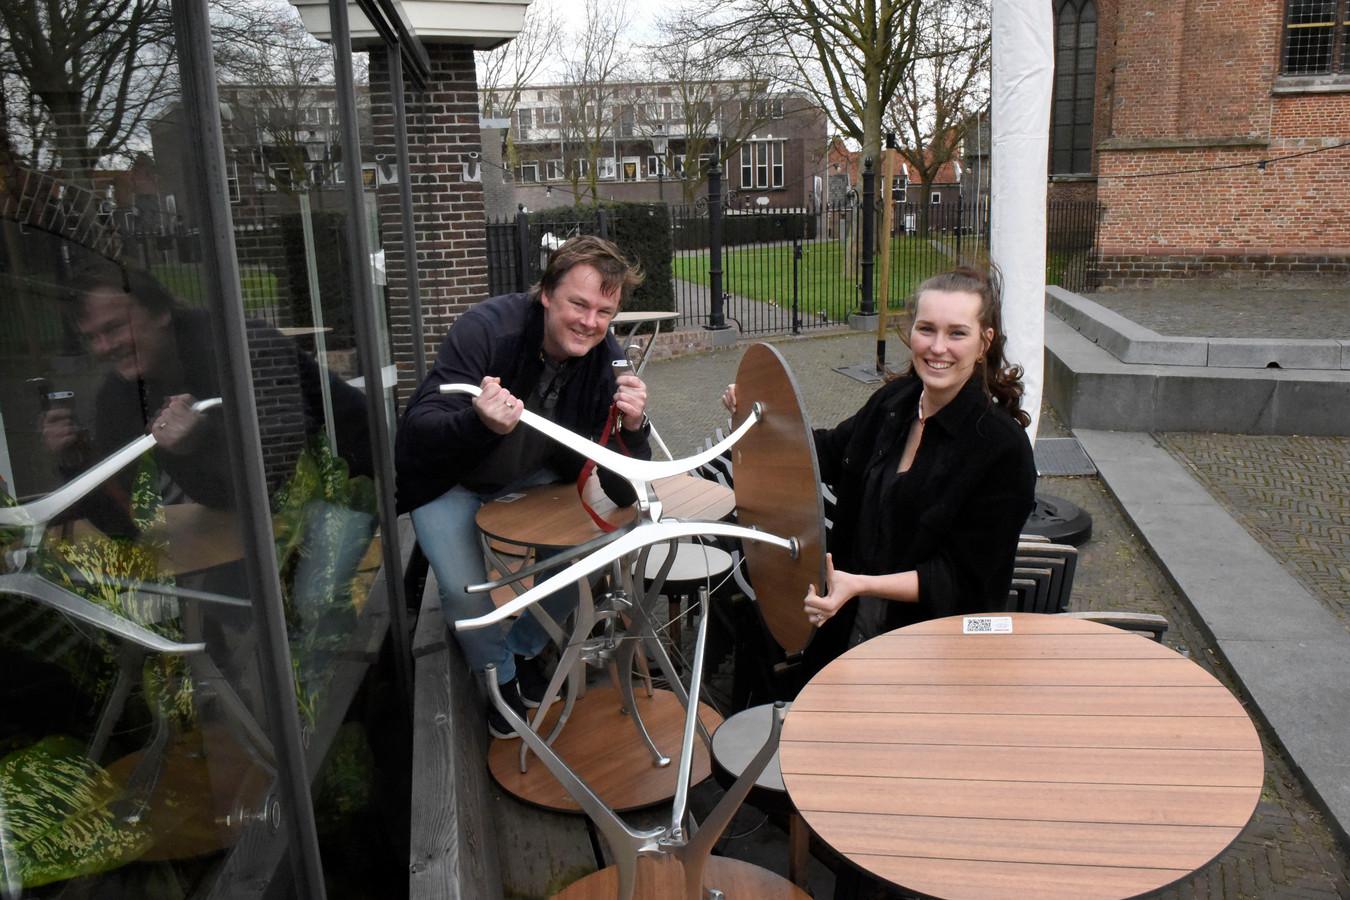 Pike Uittenbogaard van Cafe de Pompier en Vivian den Hollander van Restaurant Viviano, beide bestuurslid van KHN gemeente Woerden, Oudewater en Montfoort.